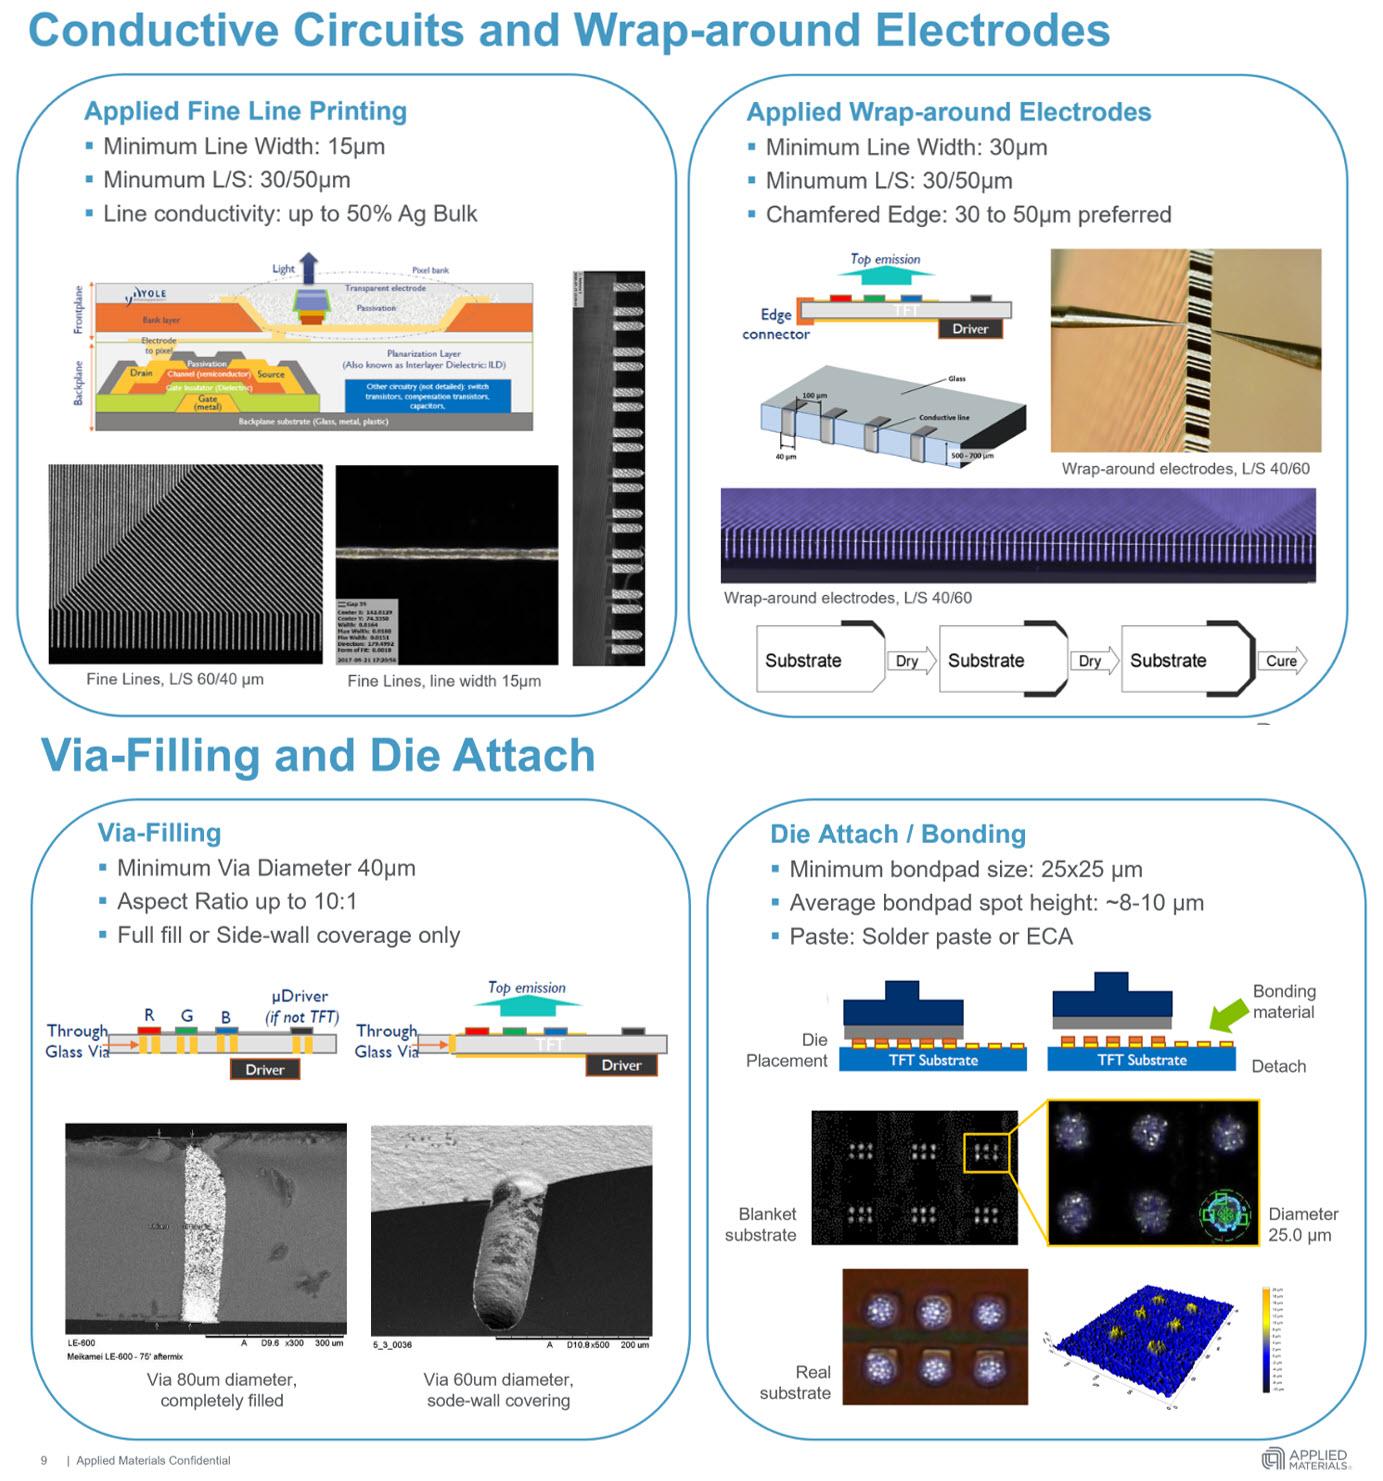 印刷如何影响MicroLED,AMOLED,AMQLED和AR/VR 等(二)  第3张